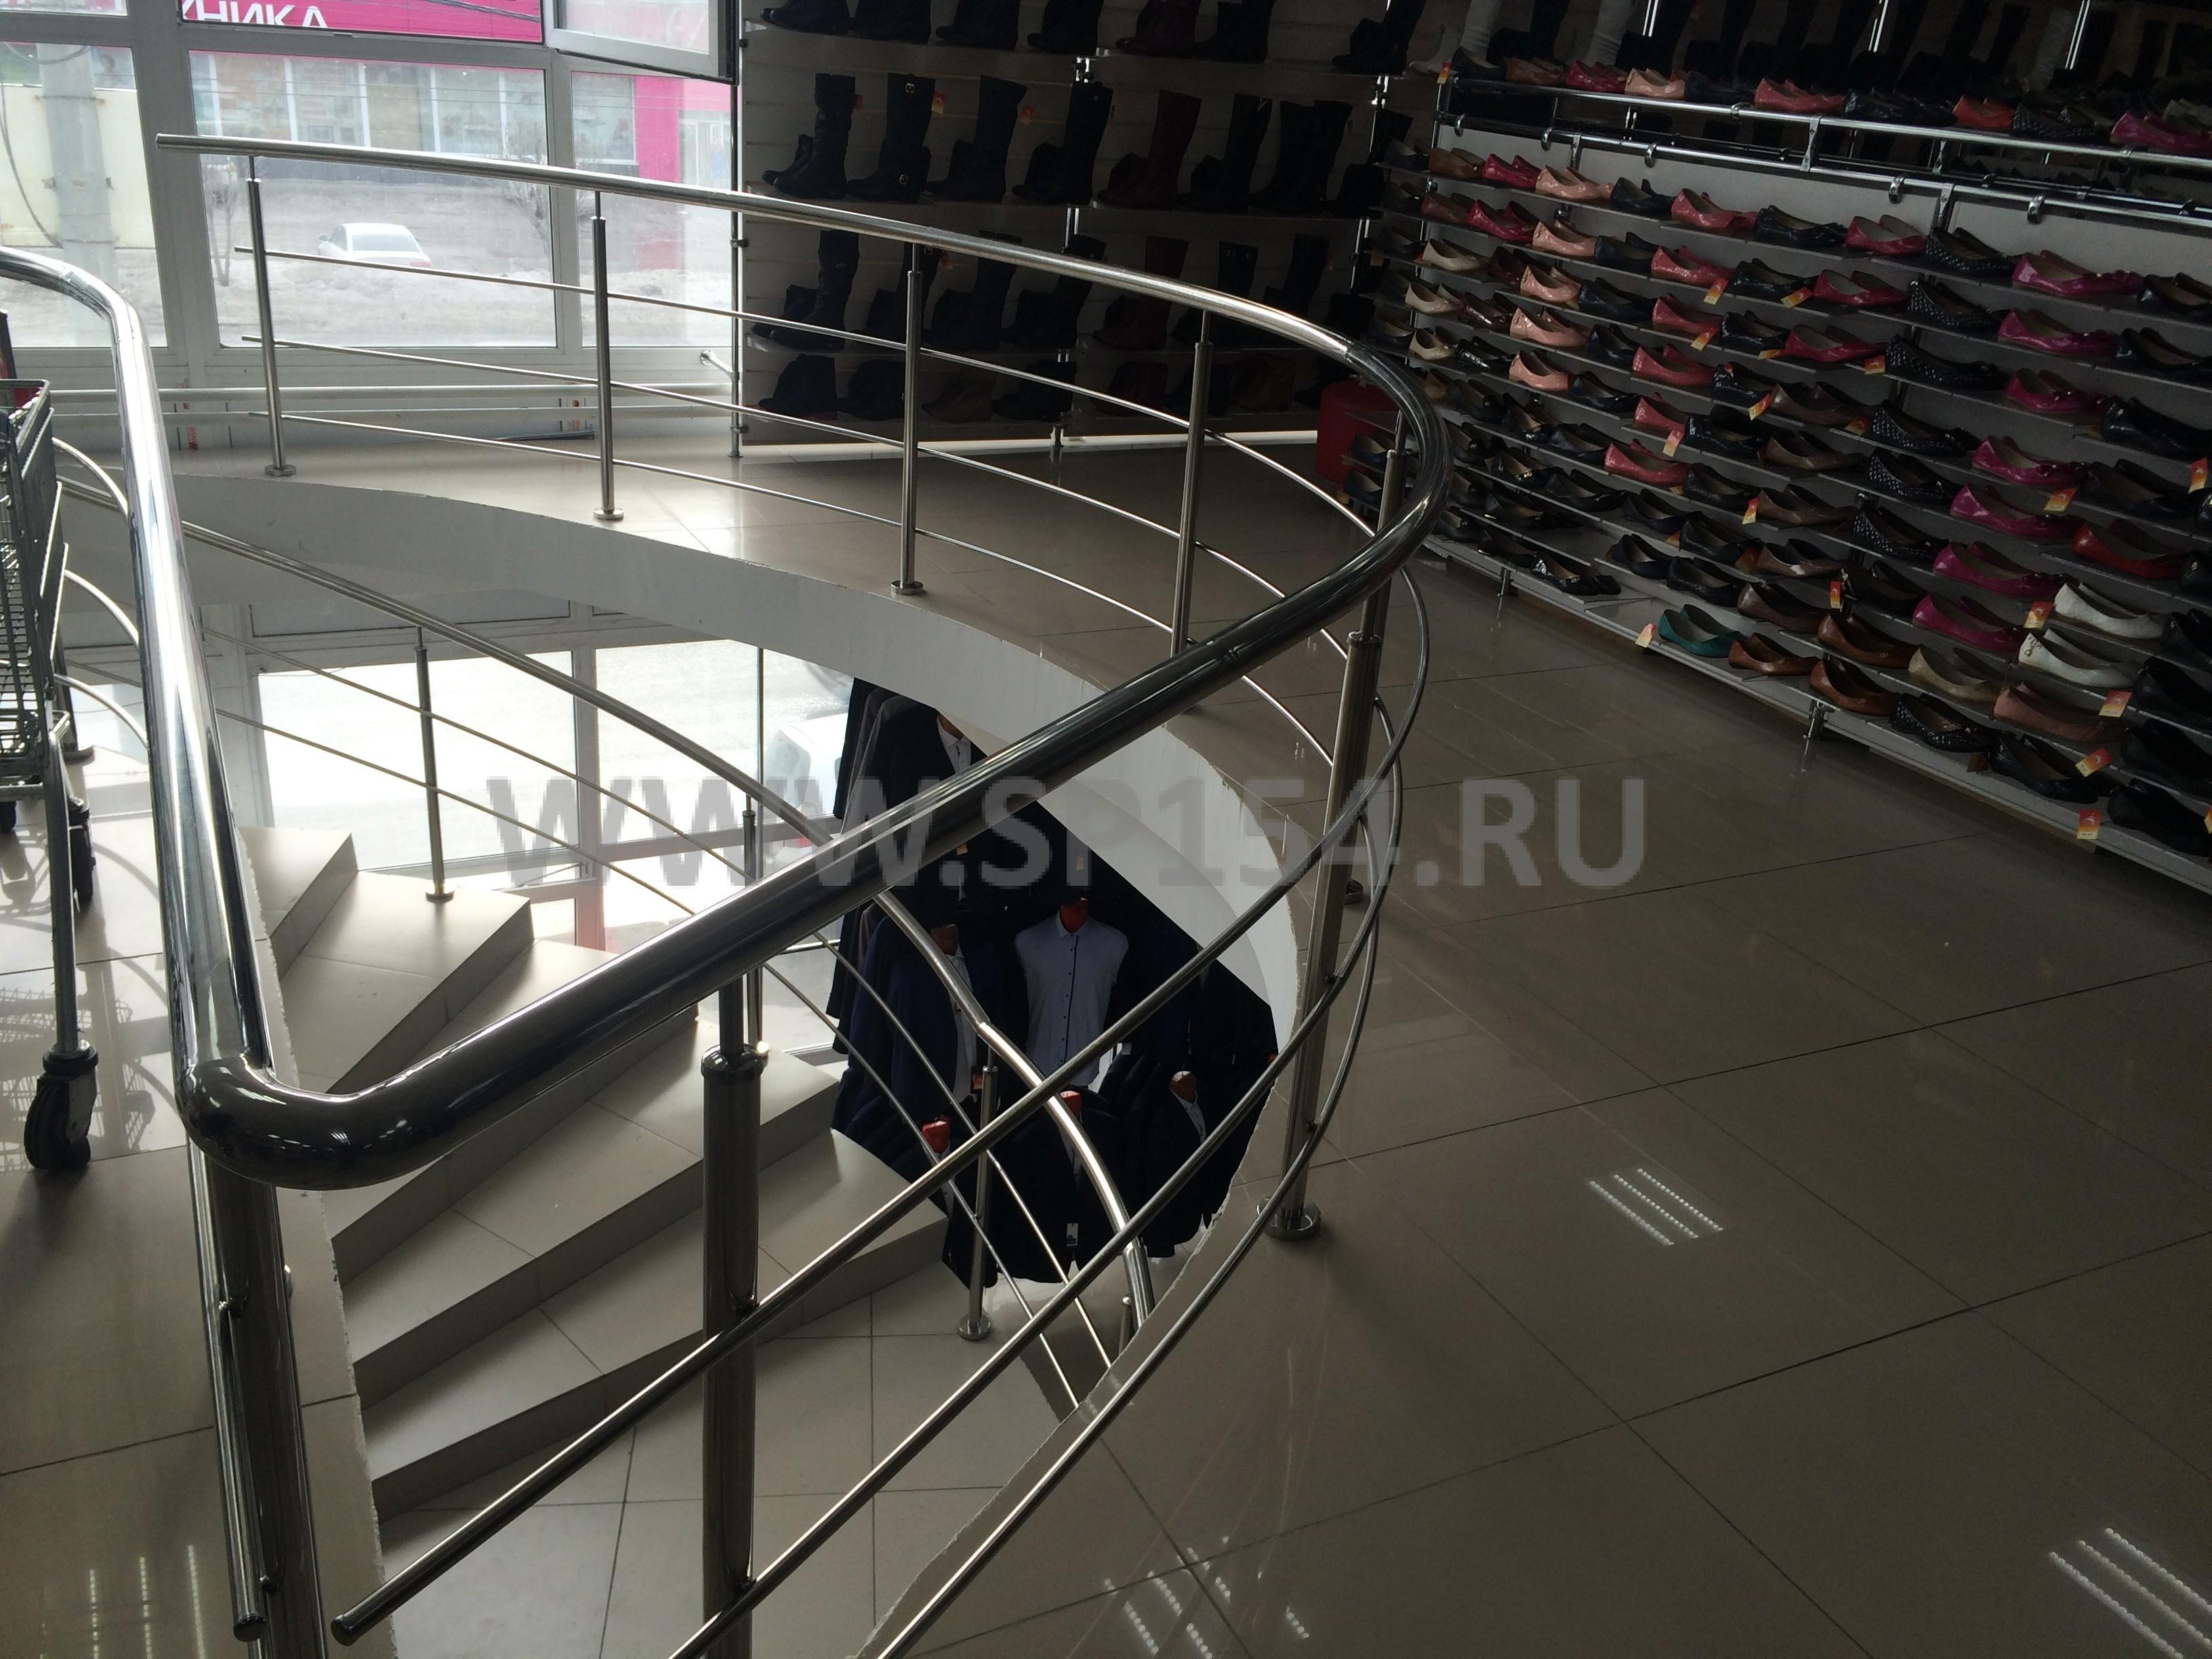 Планета одежды, г. Новосибирск